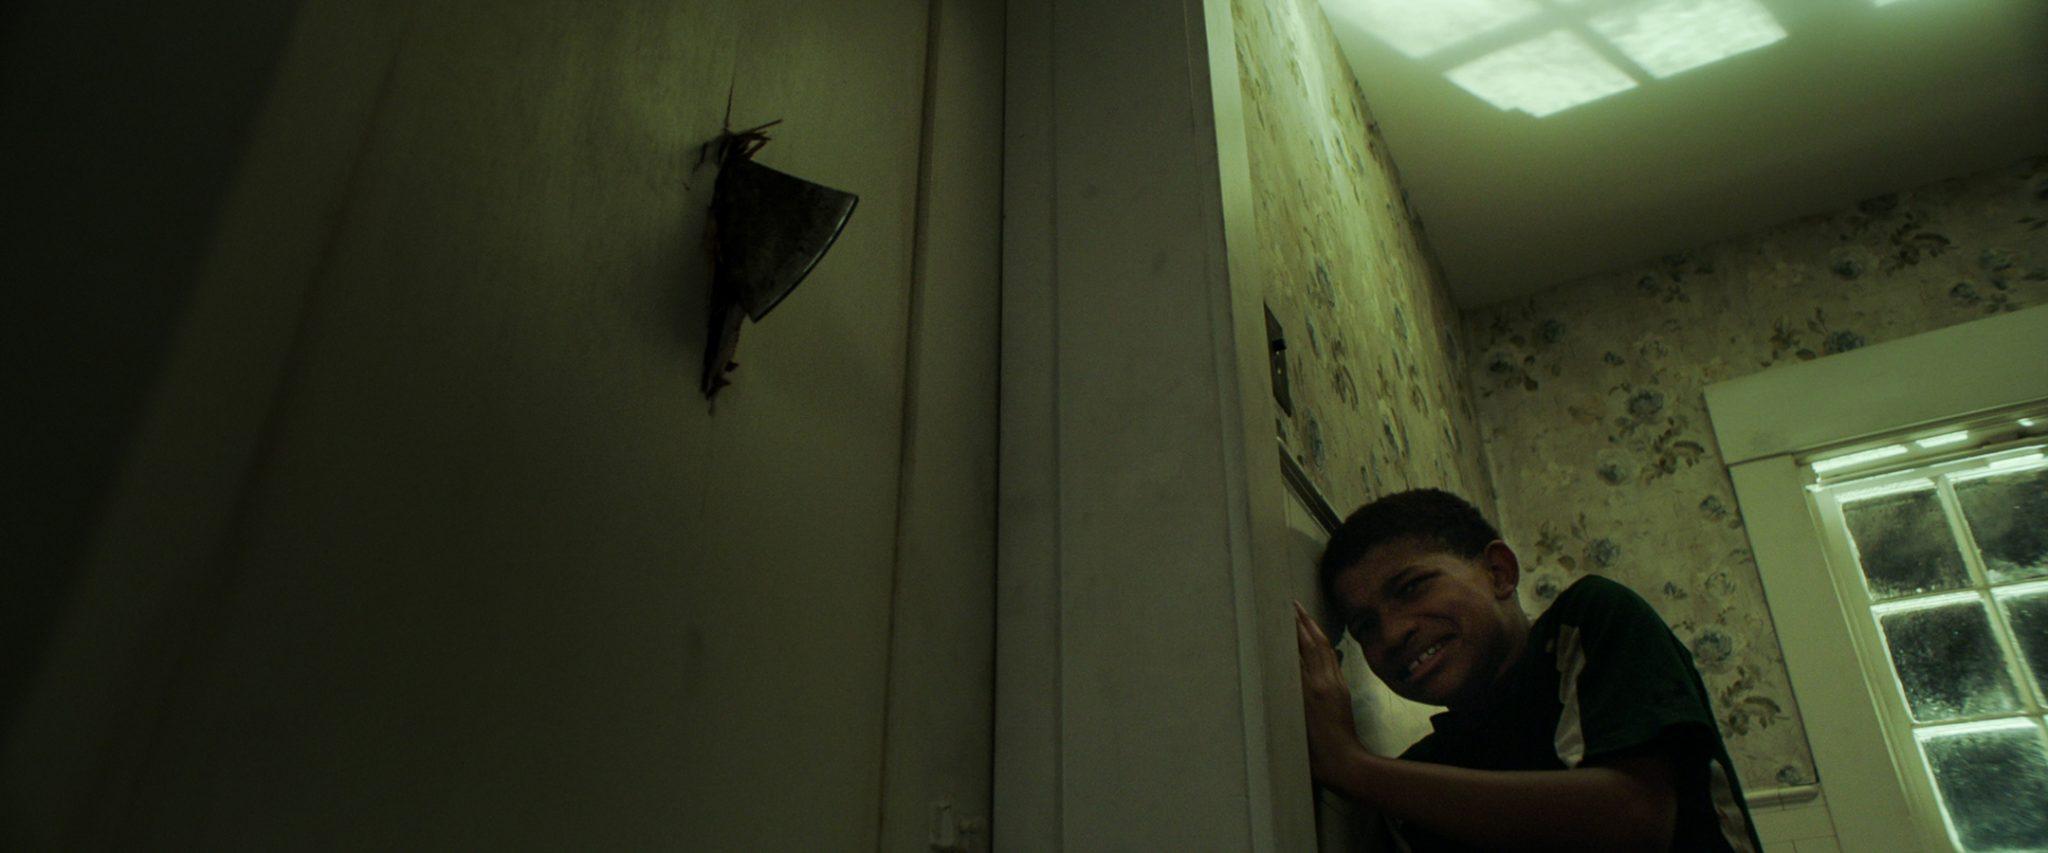 The Boy Behind the Door image film